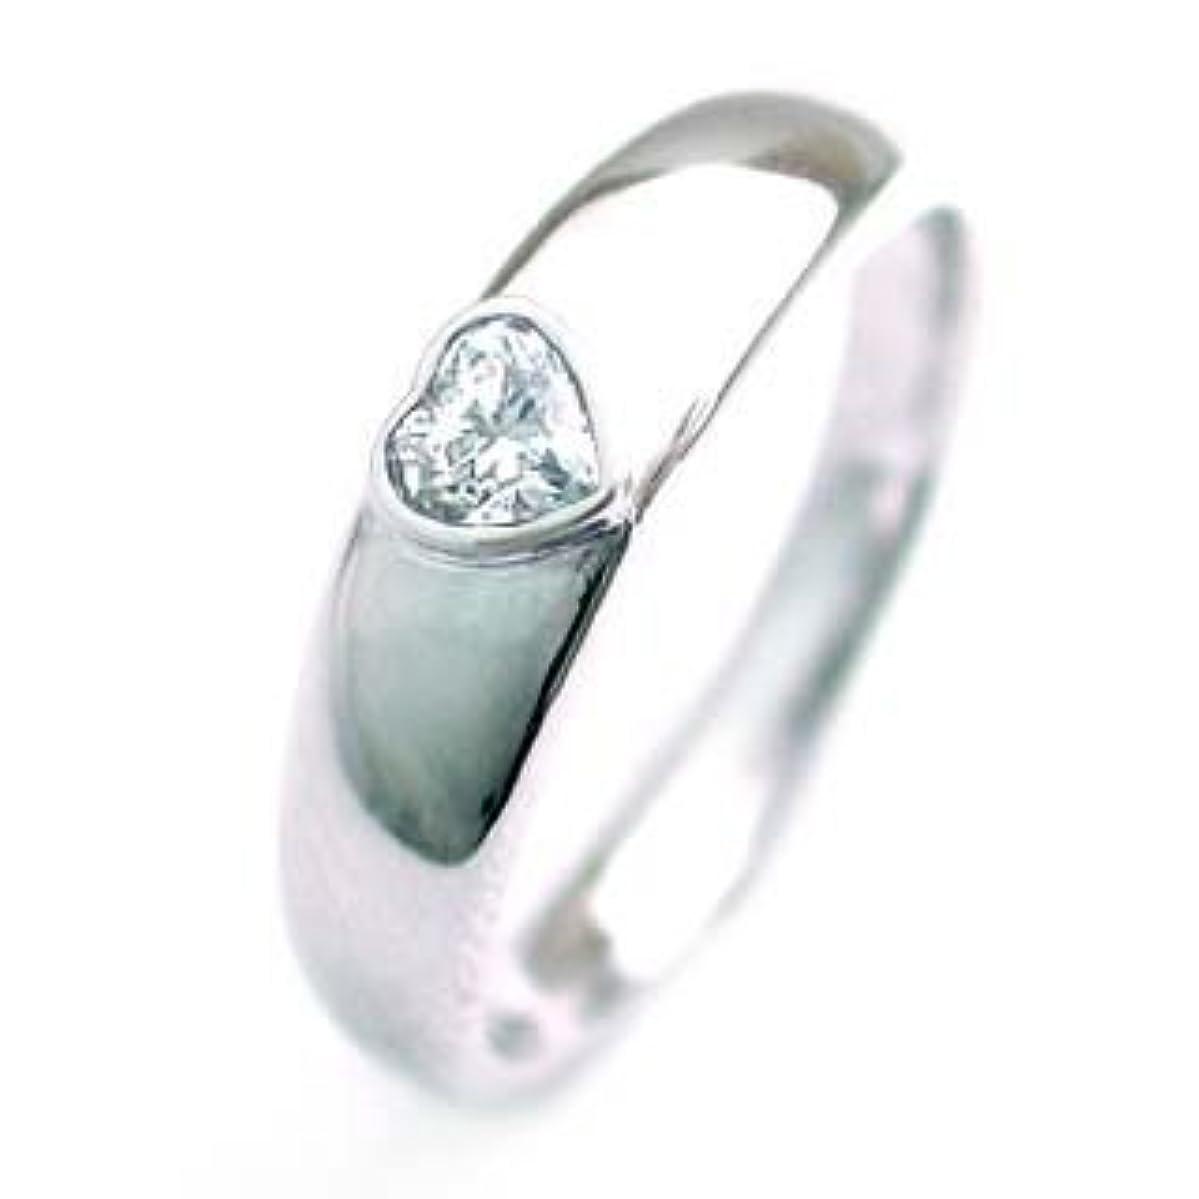 接地戦略の配列結婚指輪?マリッジリング?ペアリング(4月誕生石) ダイヤモンドCanCam掲載 #20